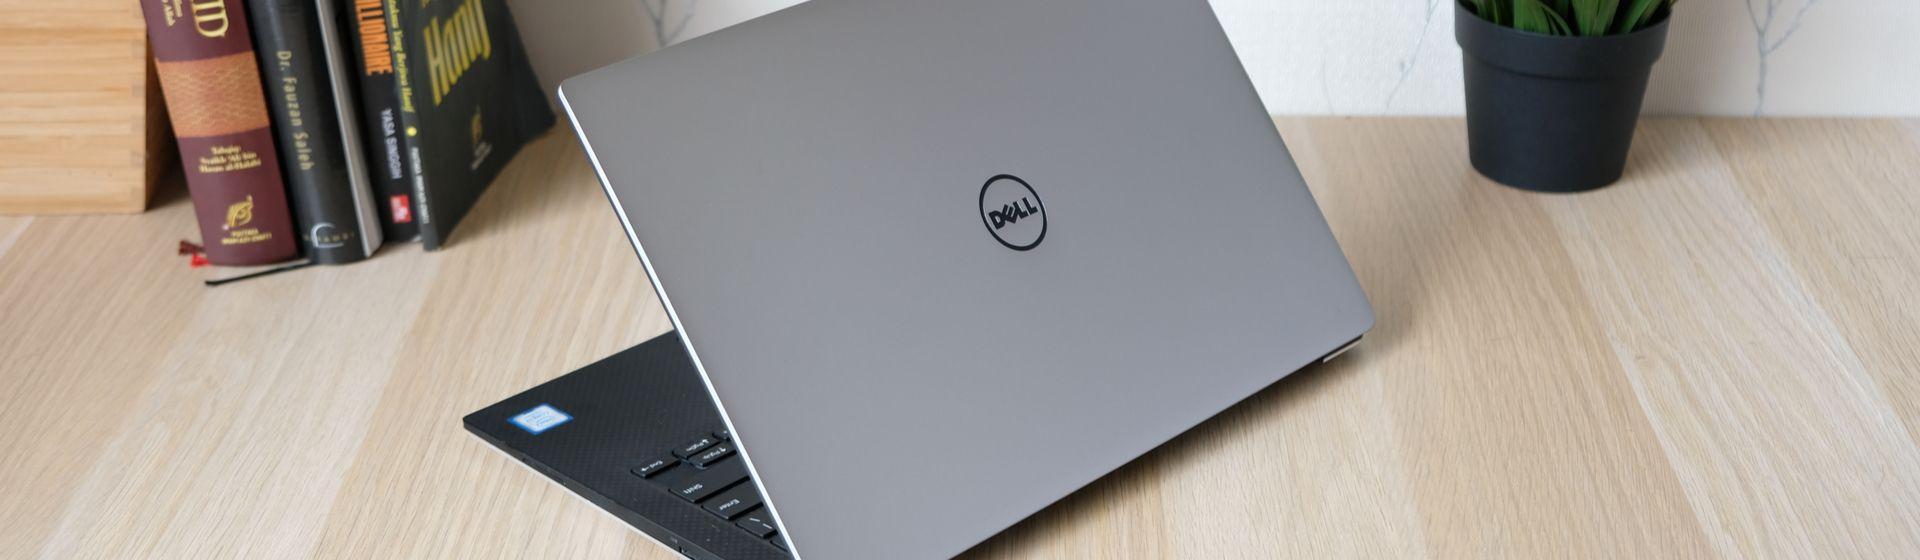 Melhor notebook Dell i3: veja 6 modelos com processador básico